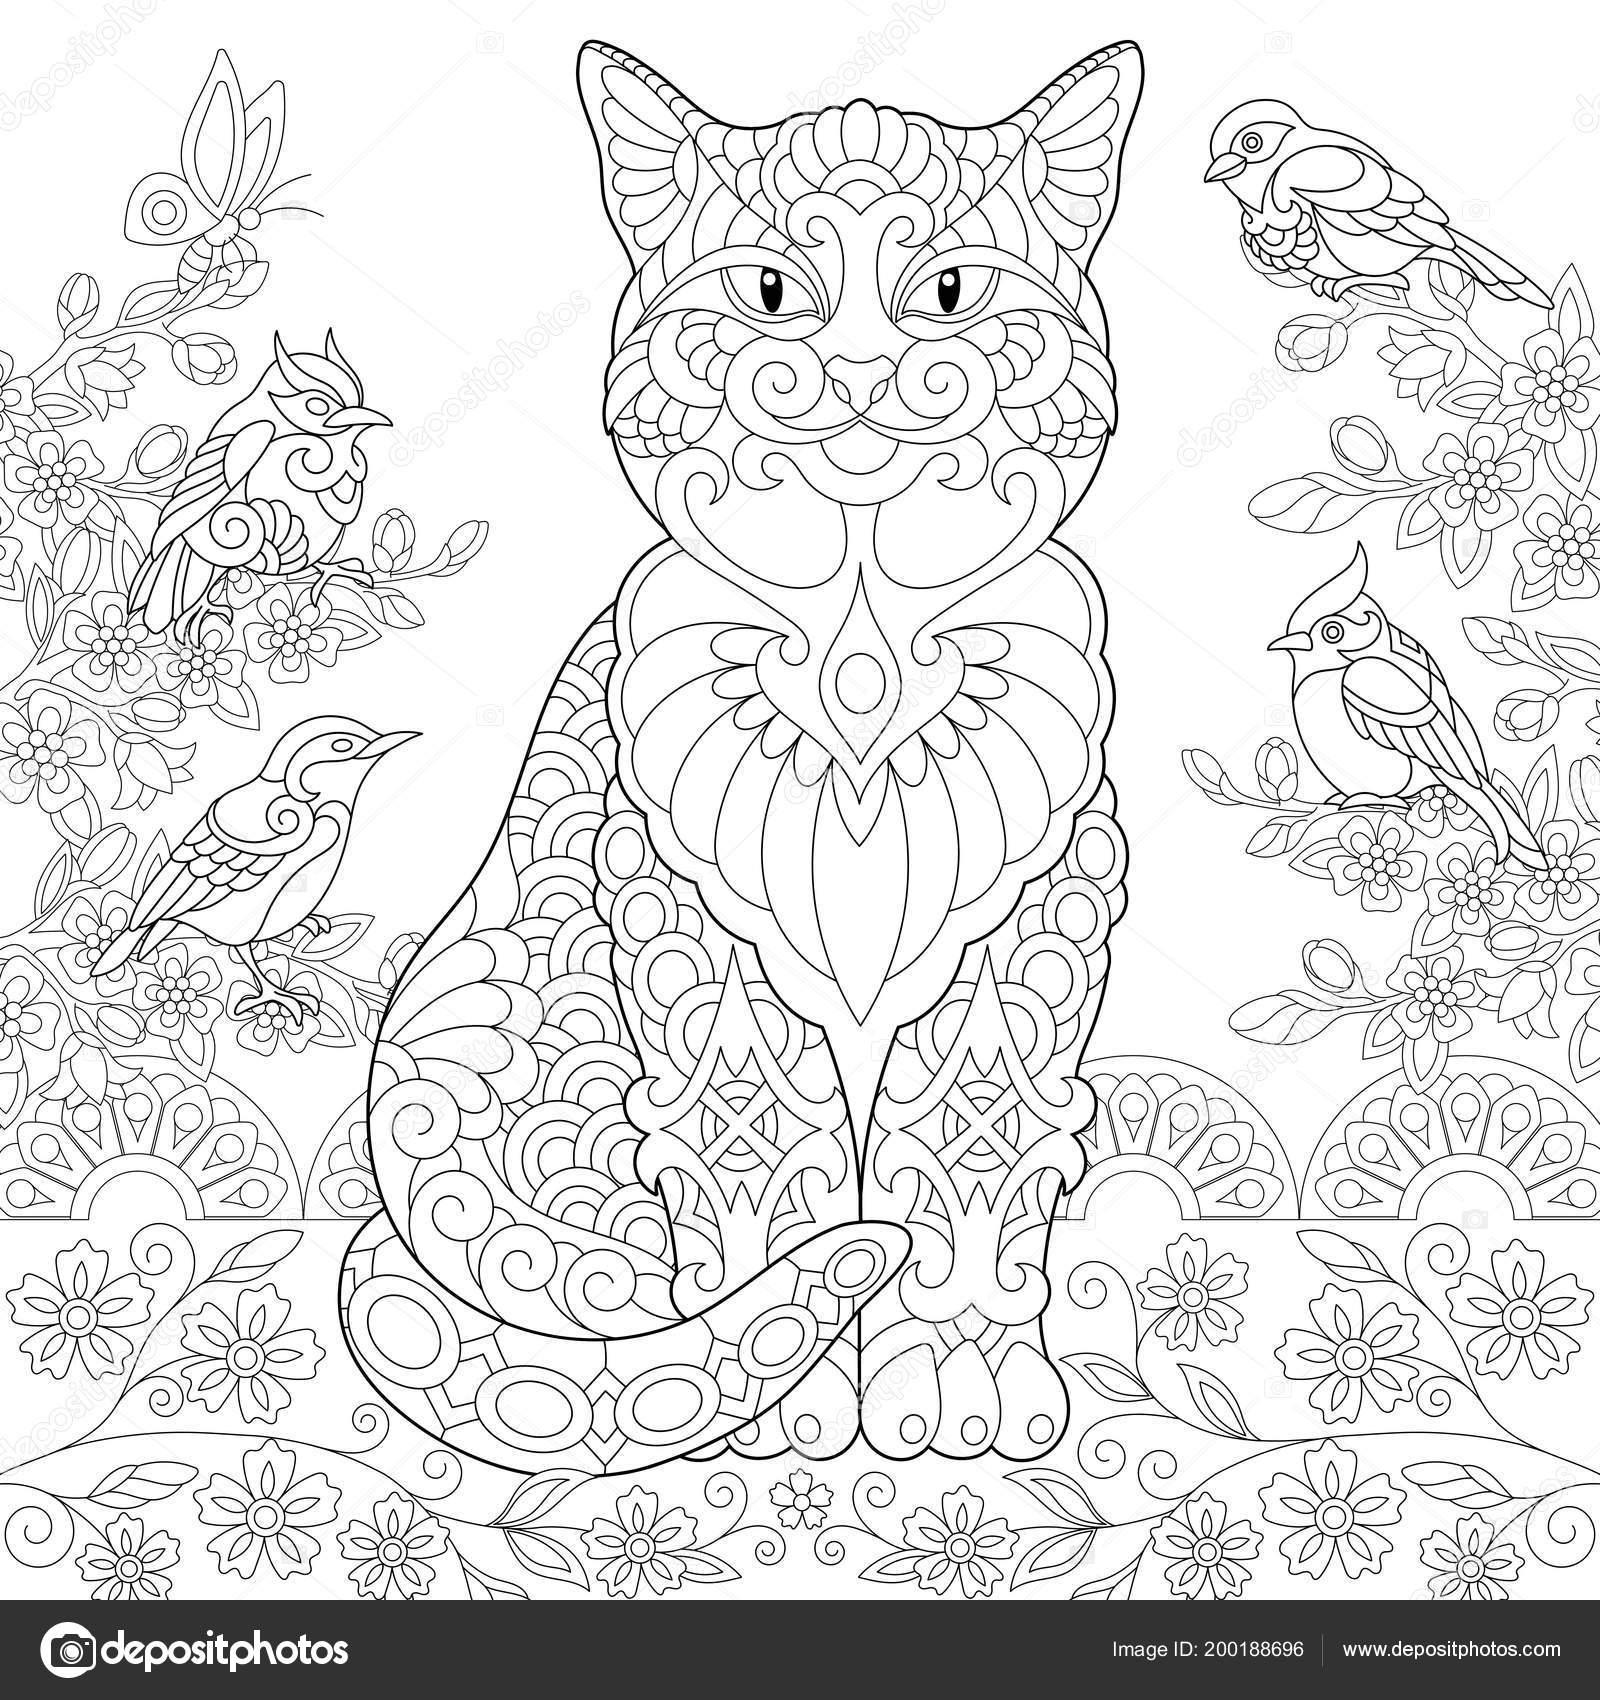 Katze Und Frühjahr Vögel Garten Malvorlagen Ausmalbild Erwachsenen